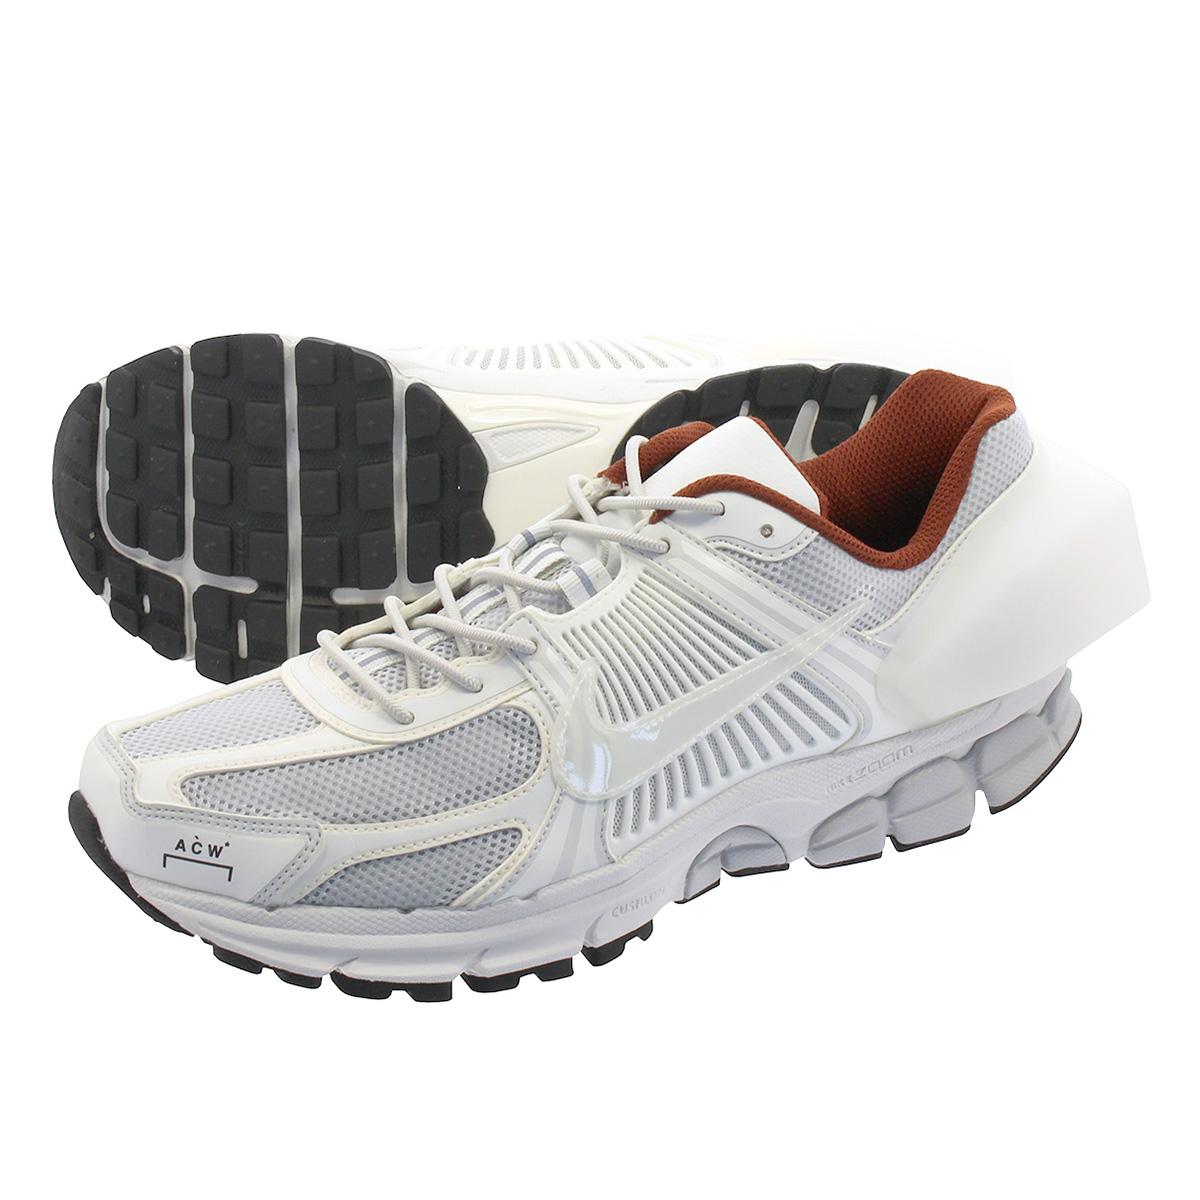 975826e33cd7f NIKE x A-COLD-WALL ZOOM VOMERO 5 Nike x アコールドウォールズームボメロ +5 SAIL OFF  WHITE SUMMIT WHITE at3152-100